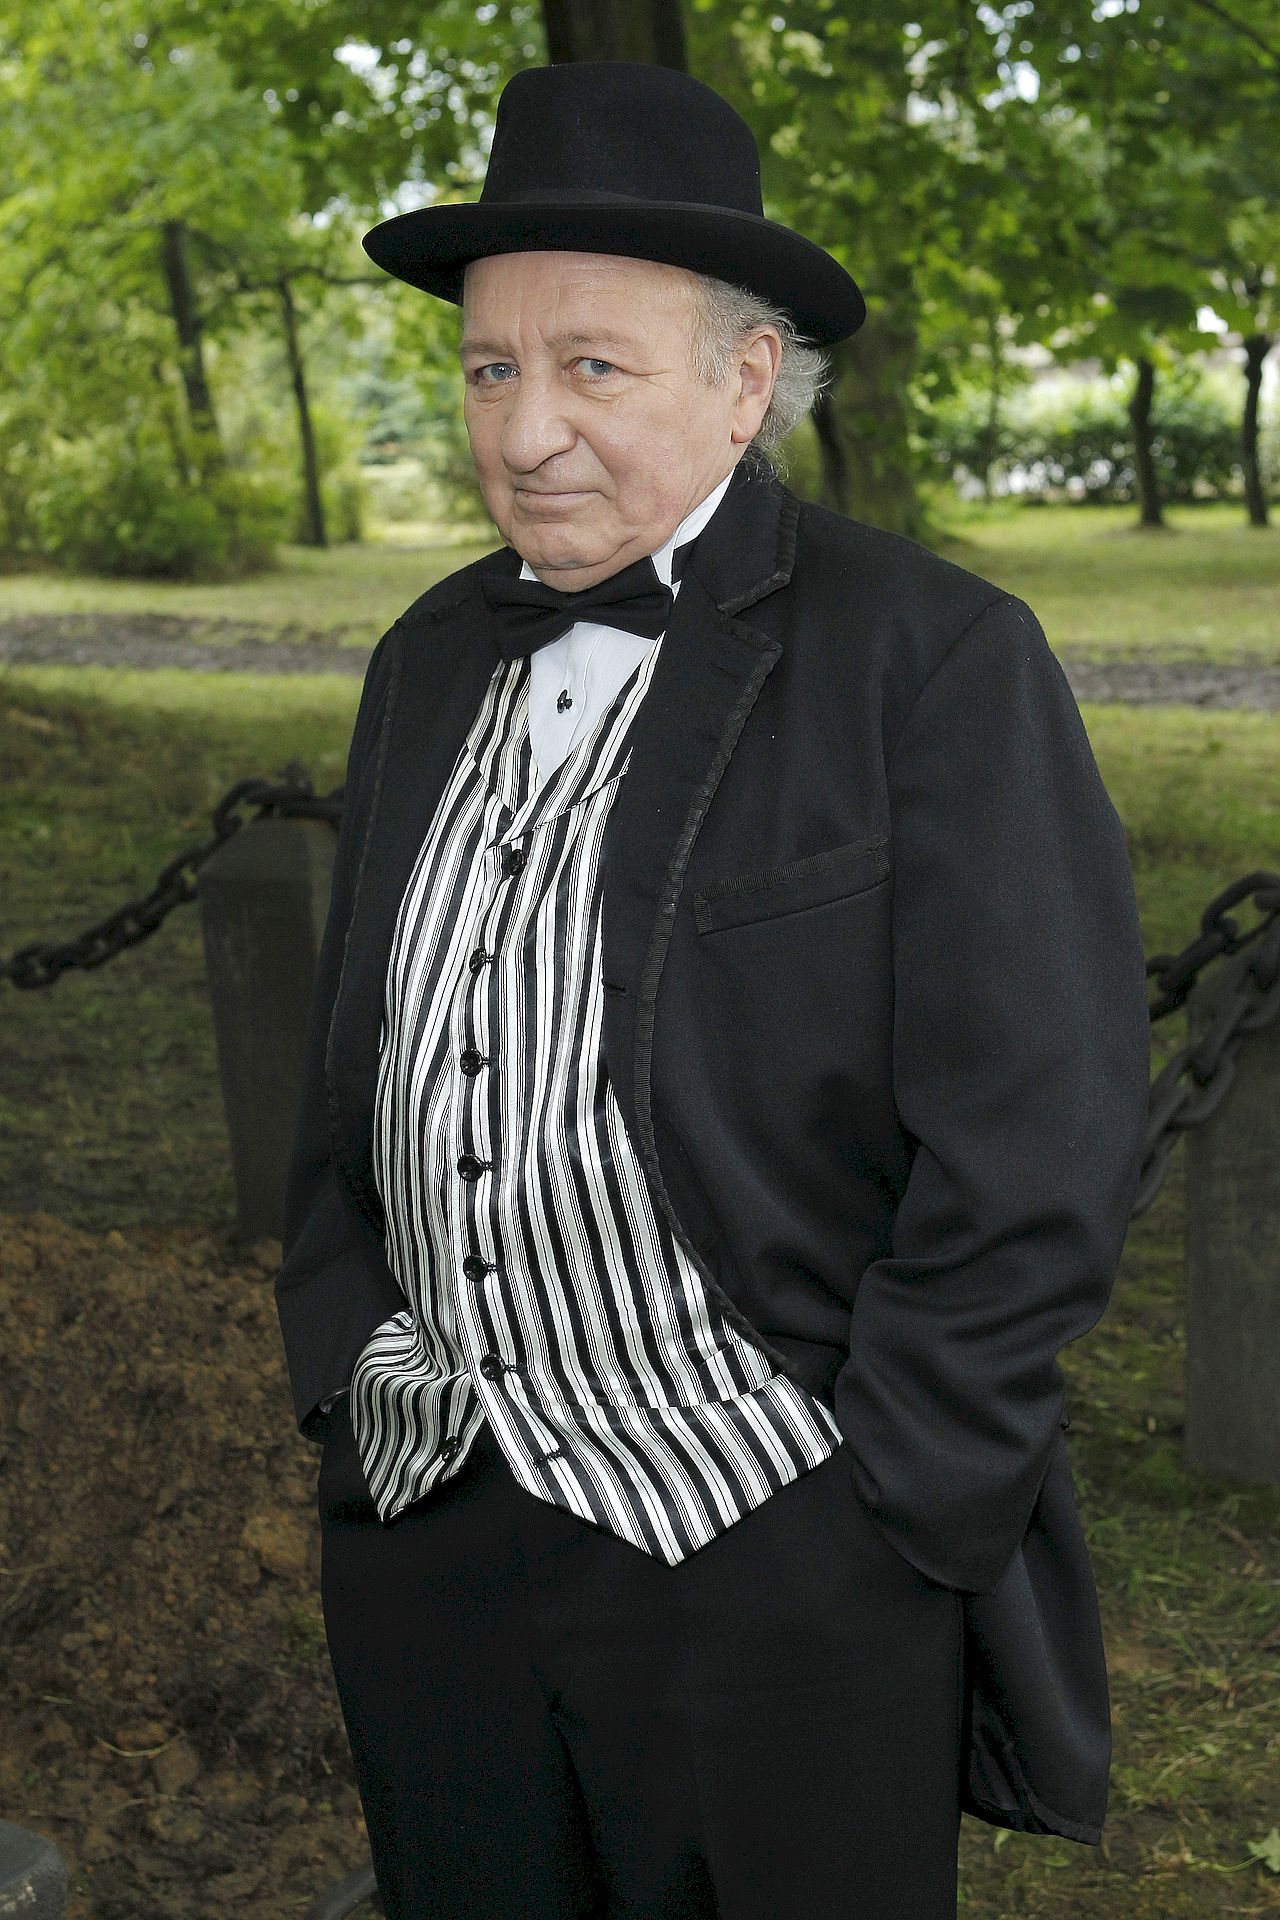 1920. Wojna i miłość, serial historyczny, Polska 2010, reż. Maciej Migas, scena z: Jerzy Łapiński